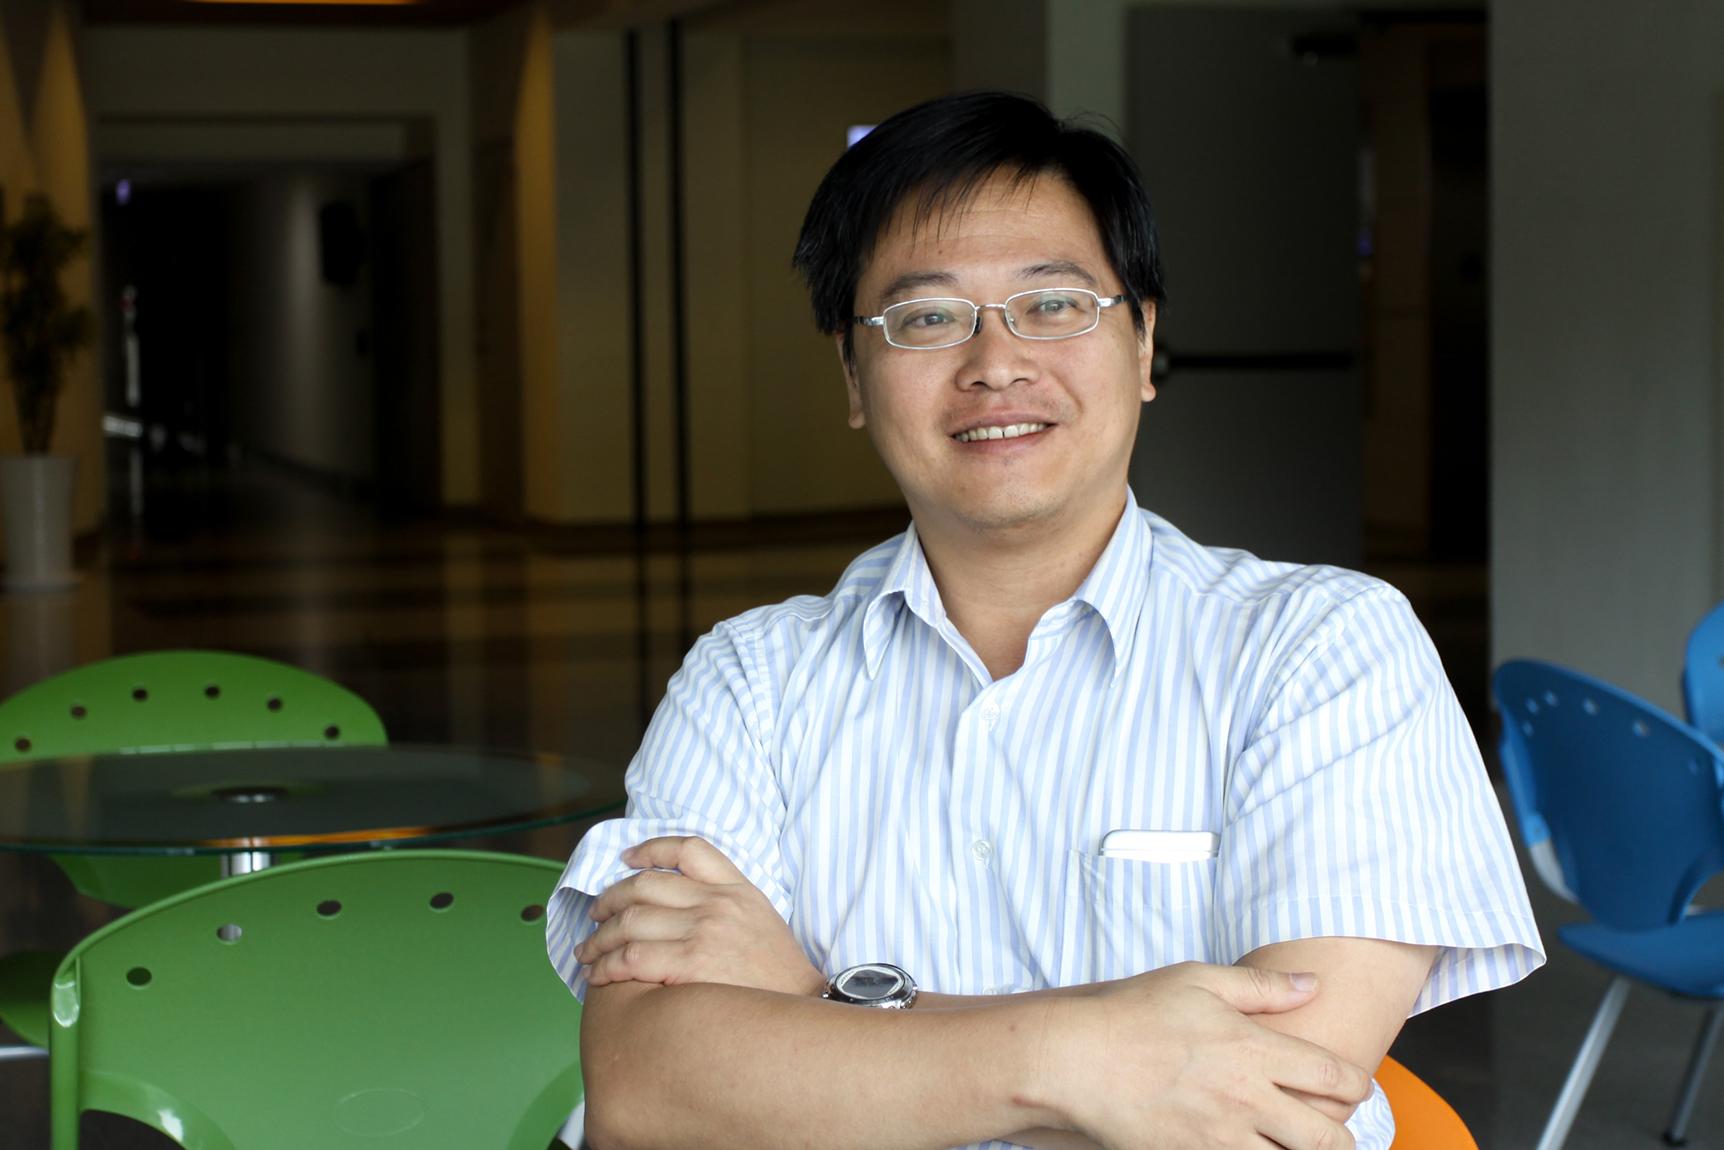 風力發電汙染低,是絕佳的綠色能源。中研院應科中心的郭志禹副研究員,目前進行的研究,就是以這個領域為核心。攝影│張語辰